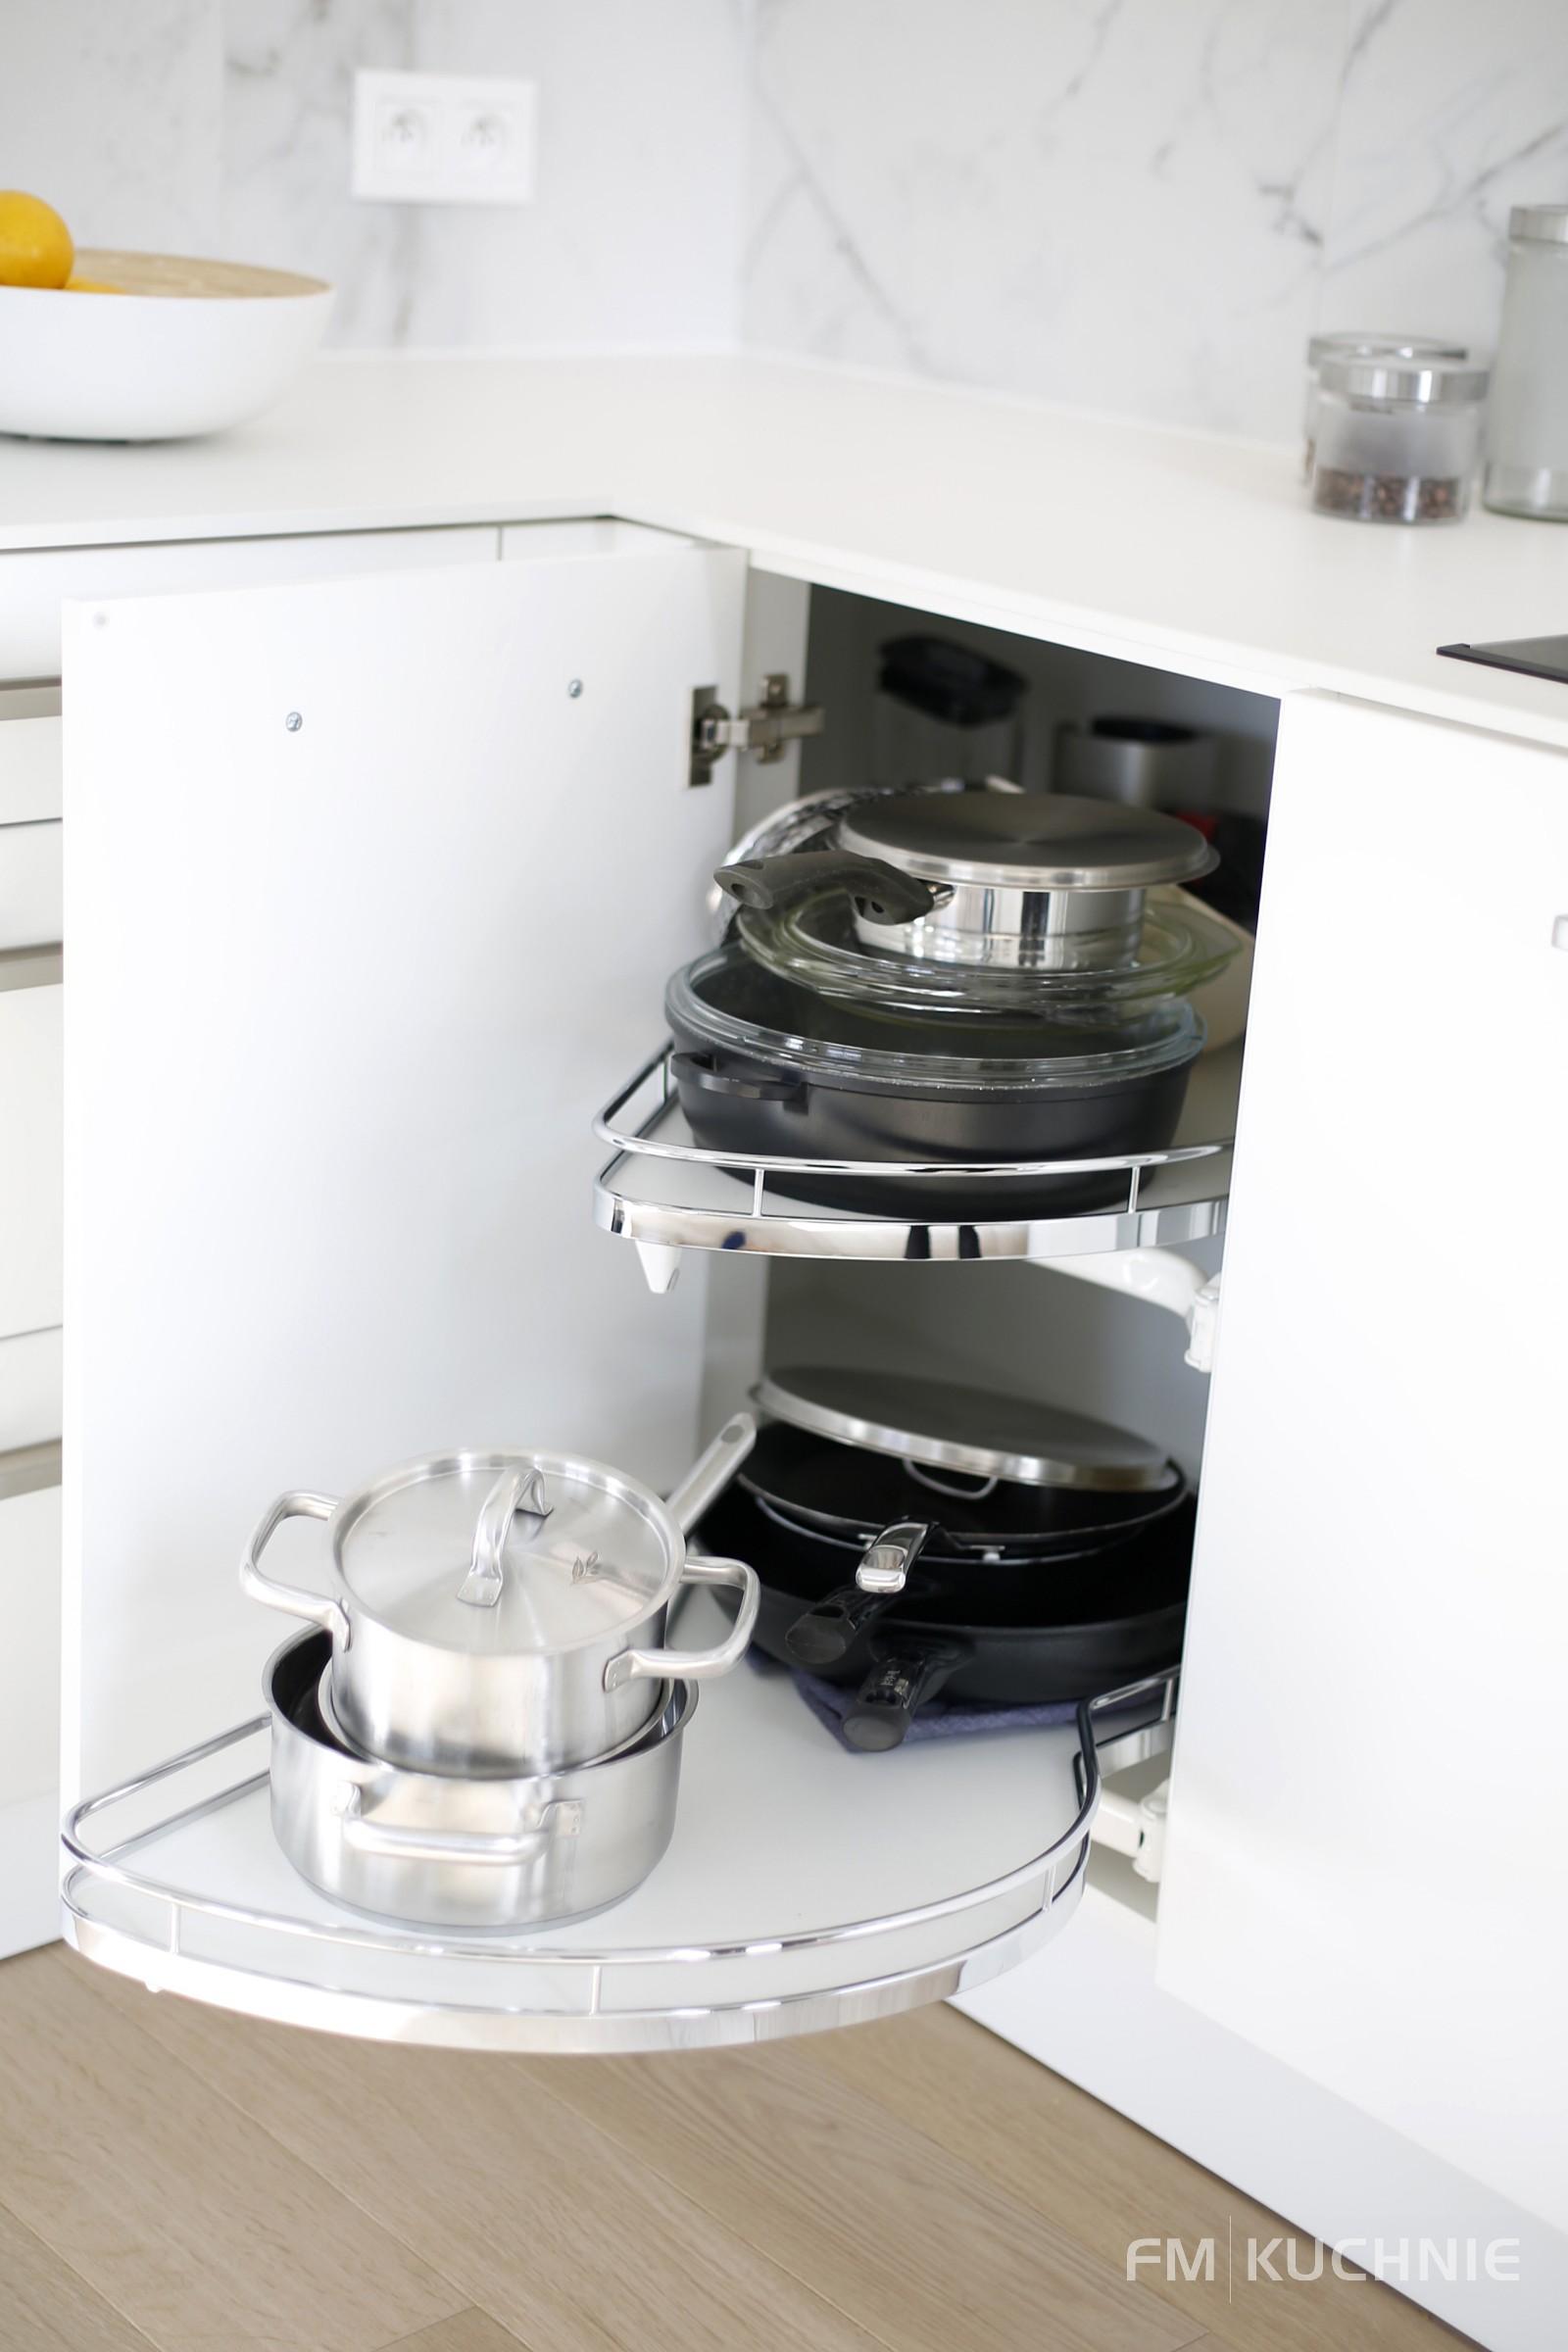 Kuchnia na wymiar WFM Calma lakier biały mat M101 z tradycyjnymi uchwytami - Meble kuchenne Kraków -11- FM KUCHNIE Kraków